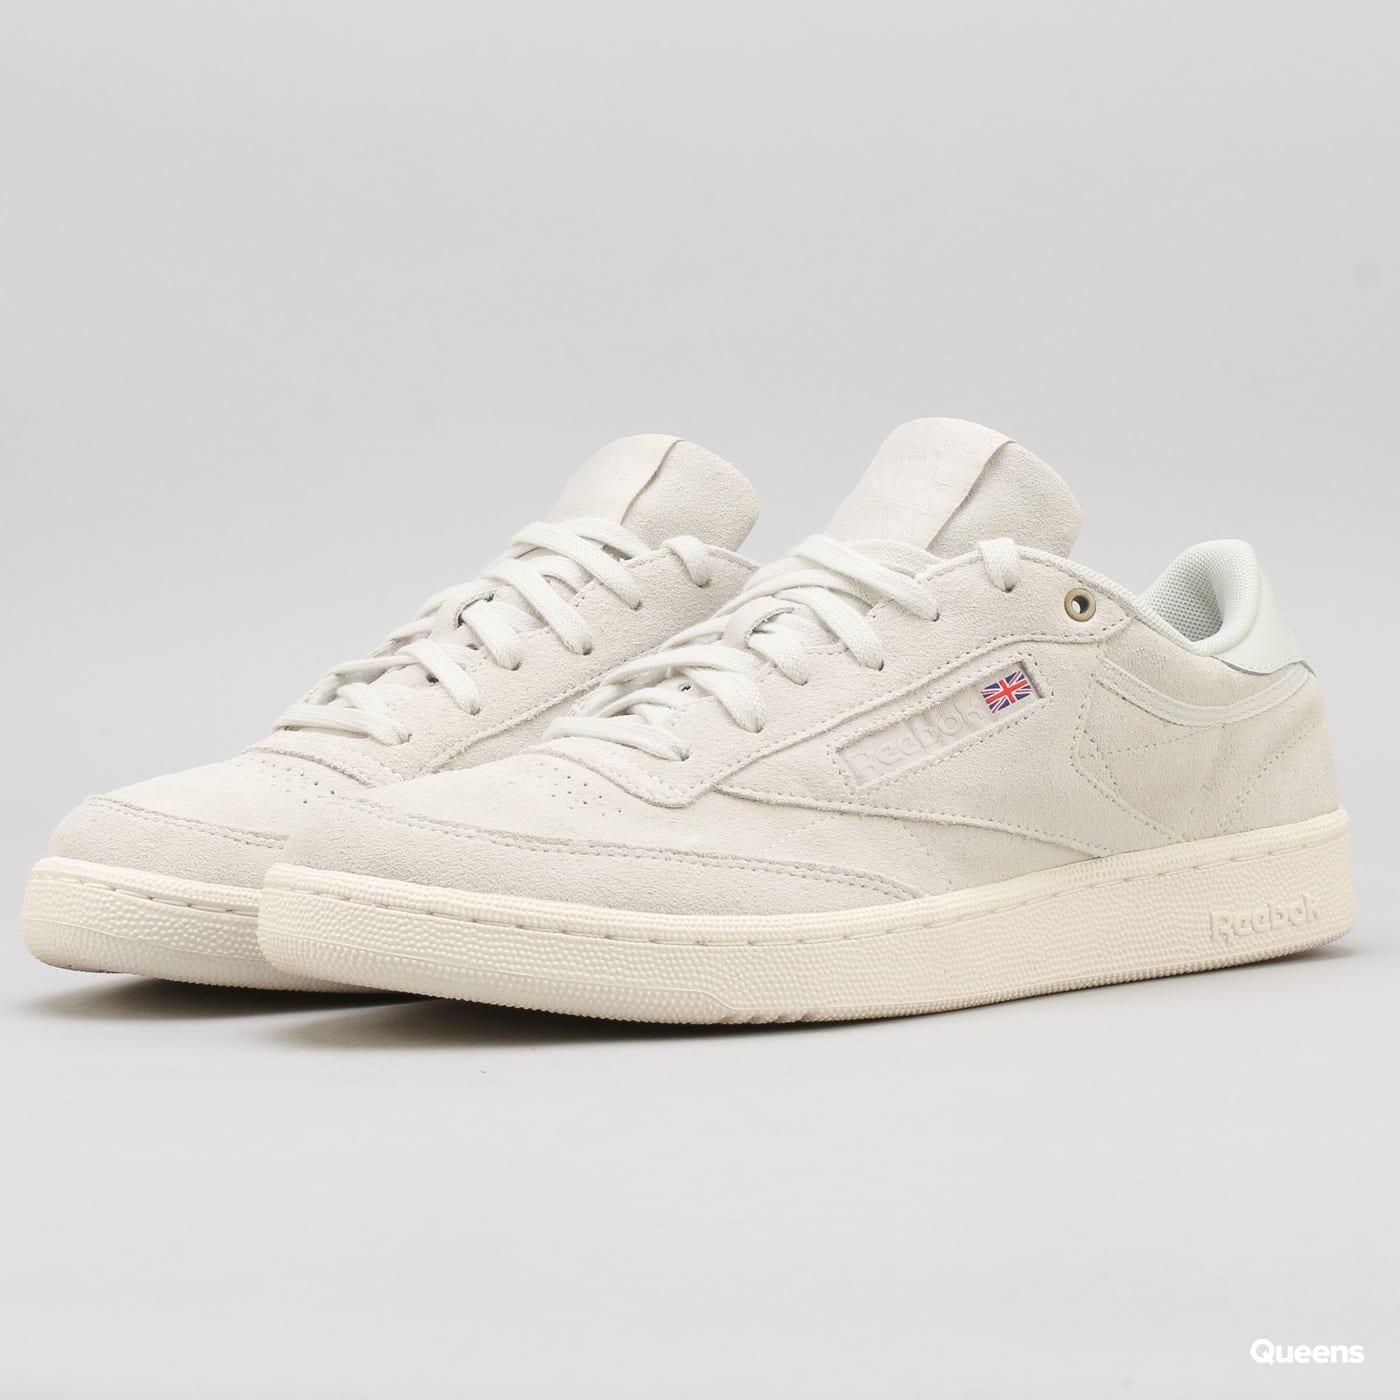 b1027dc4be8 Sneakers Reebok Club C 85 MCC (CM9296)– Queens 💚